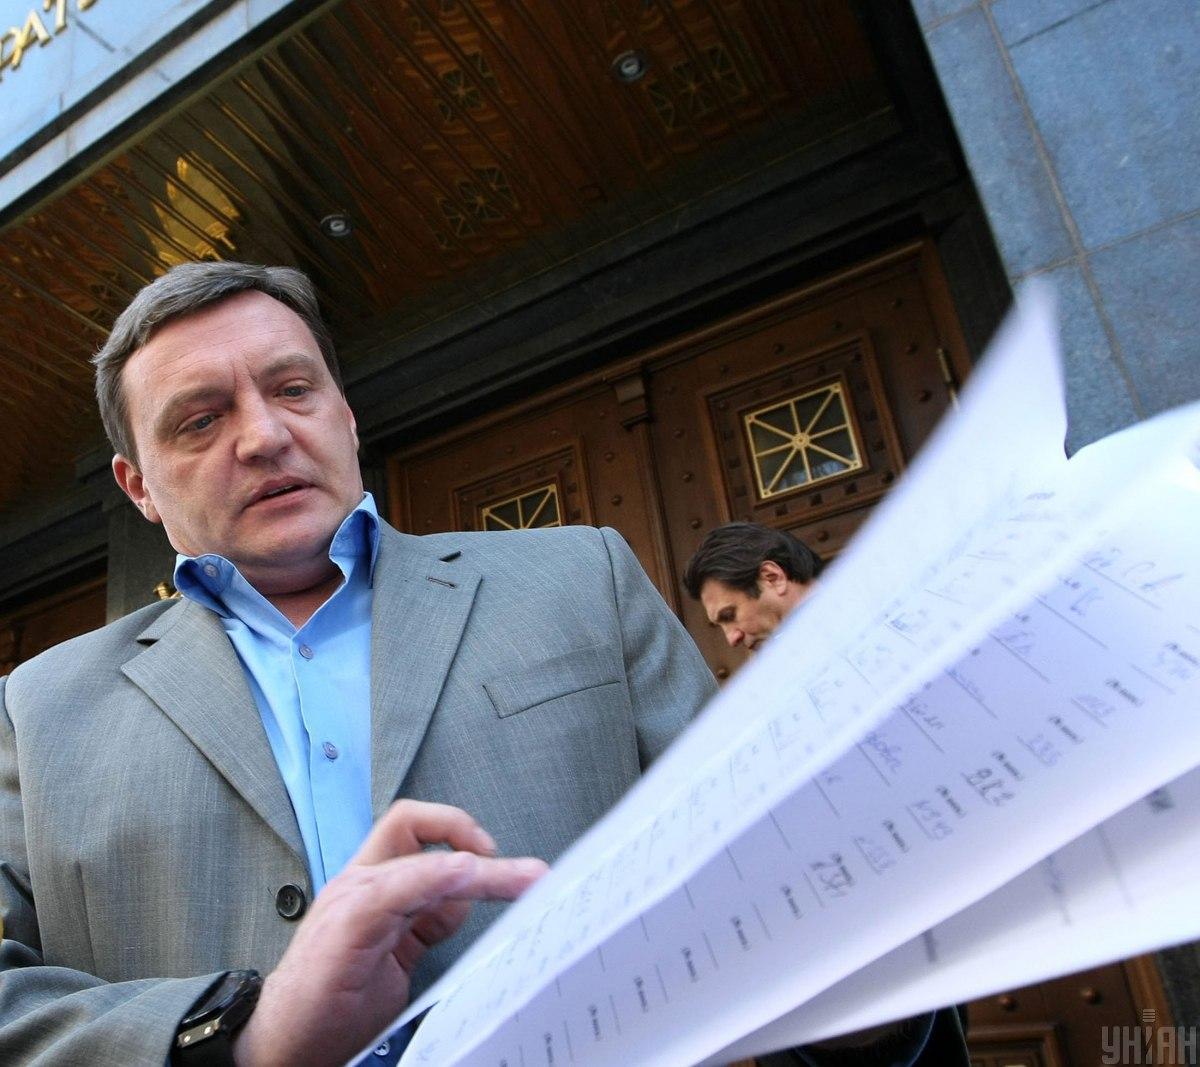 Меру пресечения будет избирать Деснянский районный суд Чернигова сегодня после 17.00 / фото УНИАН